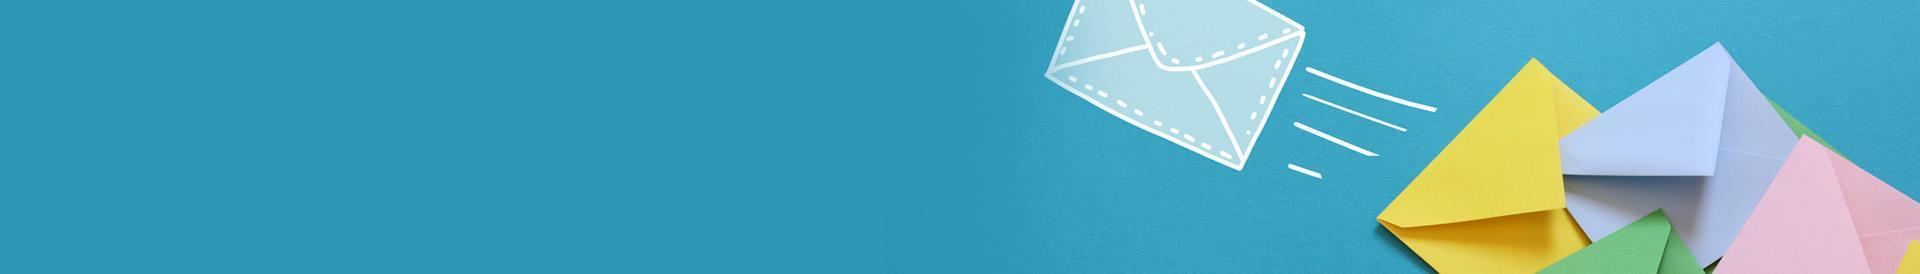 kolorowe koperty na niebieskim tle